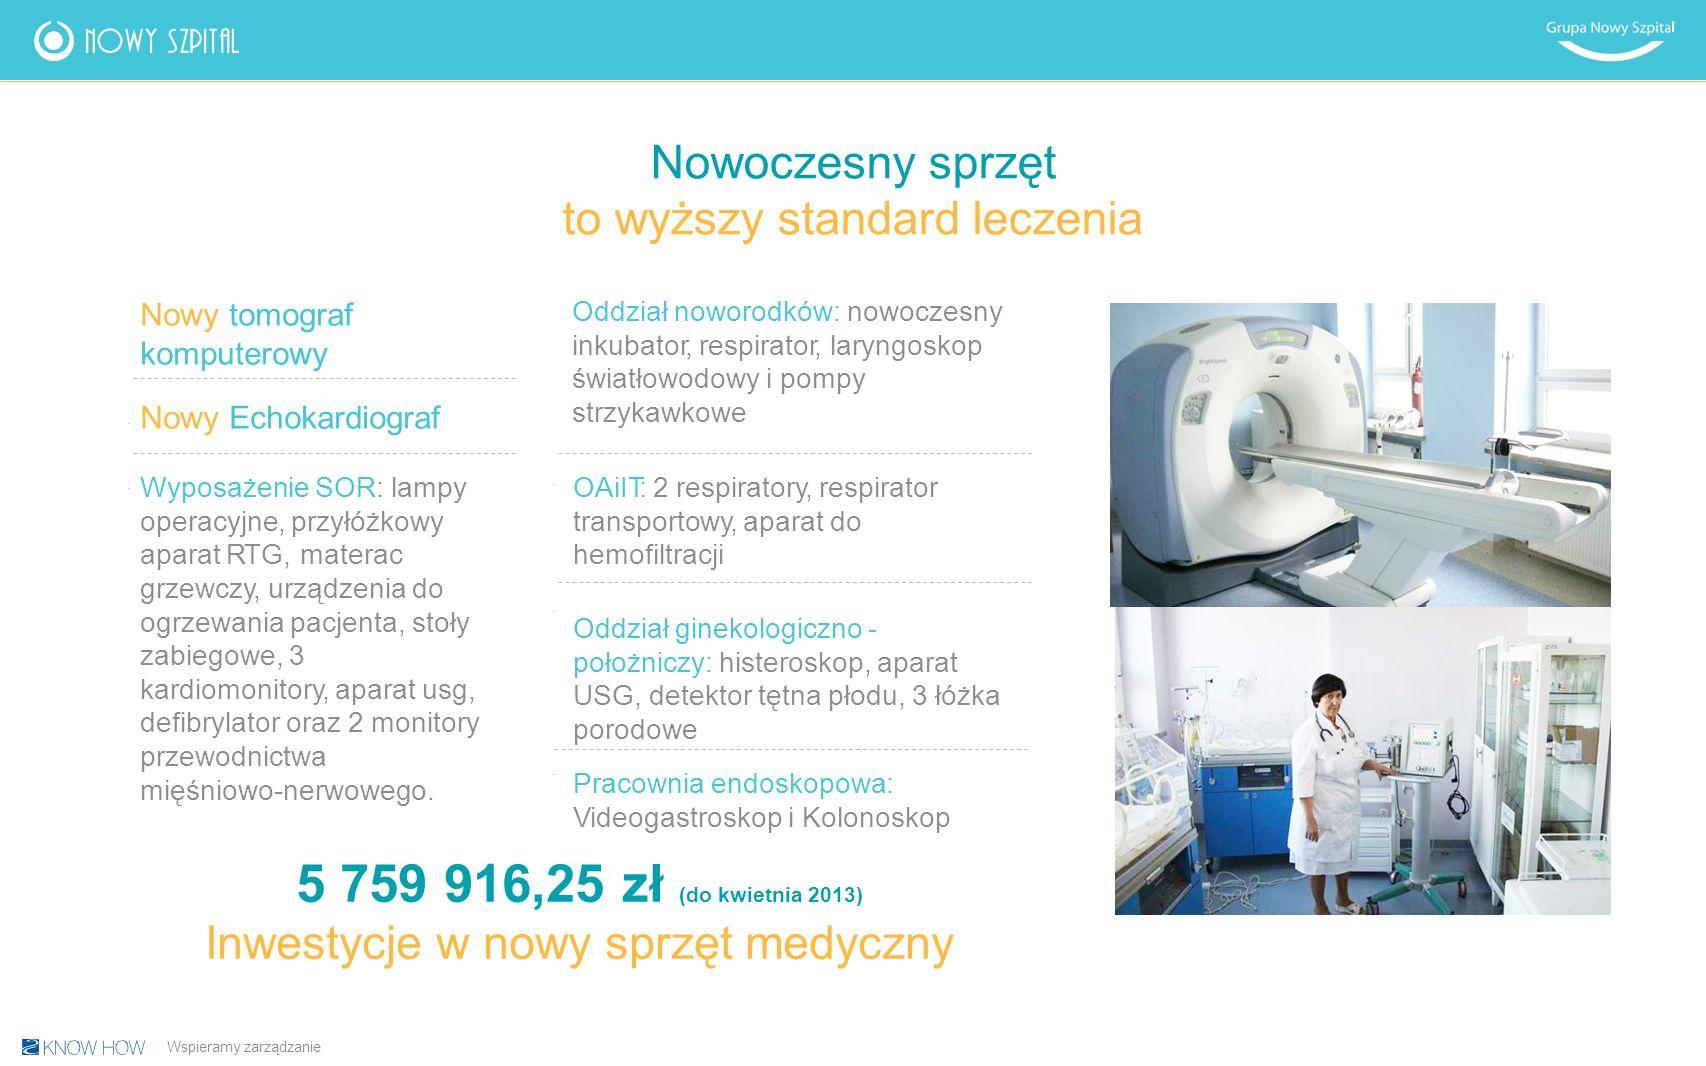 Nowoczesny sprzęt to wyższy standard leczenia Oddział noworodków: nowoczesny inkubator, respirator, laryngoskop światłowodowy i pompy strzykawkowe OAiIT: 2 respiratory, respirator transportowy, aparat do hemofiltracji Oddział ginekologiczno - położniczy: histeroskop, aparat USG, detektor tętna płodu, 3 łóżka porodowe Pracownia endoskopowa: Videogastroskop i Kolonoskop Nowy tomograf komputerowy Nowy Echokardiograf Wyposażenie SOR: lampy operacyjne, przyłóżkowy aparat RTG, materac grzewczy, urządzenia do ogrzewania pacjenta, stoły zabiegowe, 3 kardiomonitory, aparat usg, defibrylator oraz 2 monitory przewodnictwa mięśniowo-nerwowego.